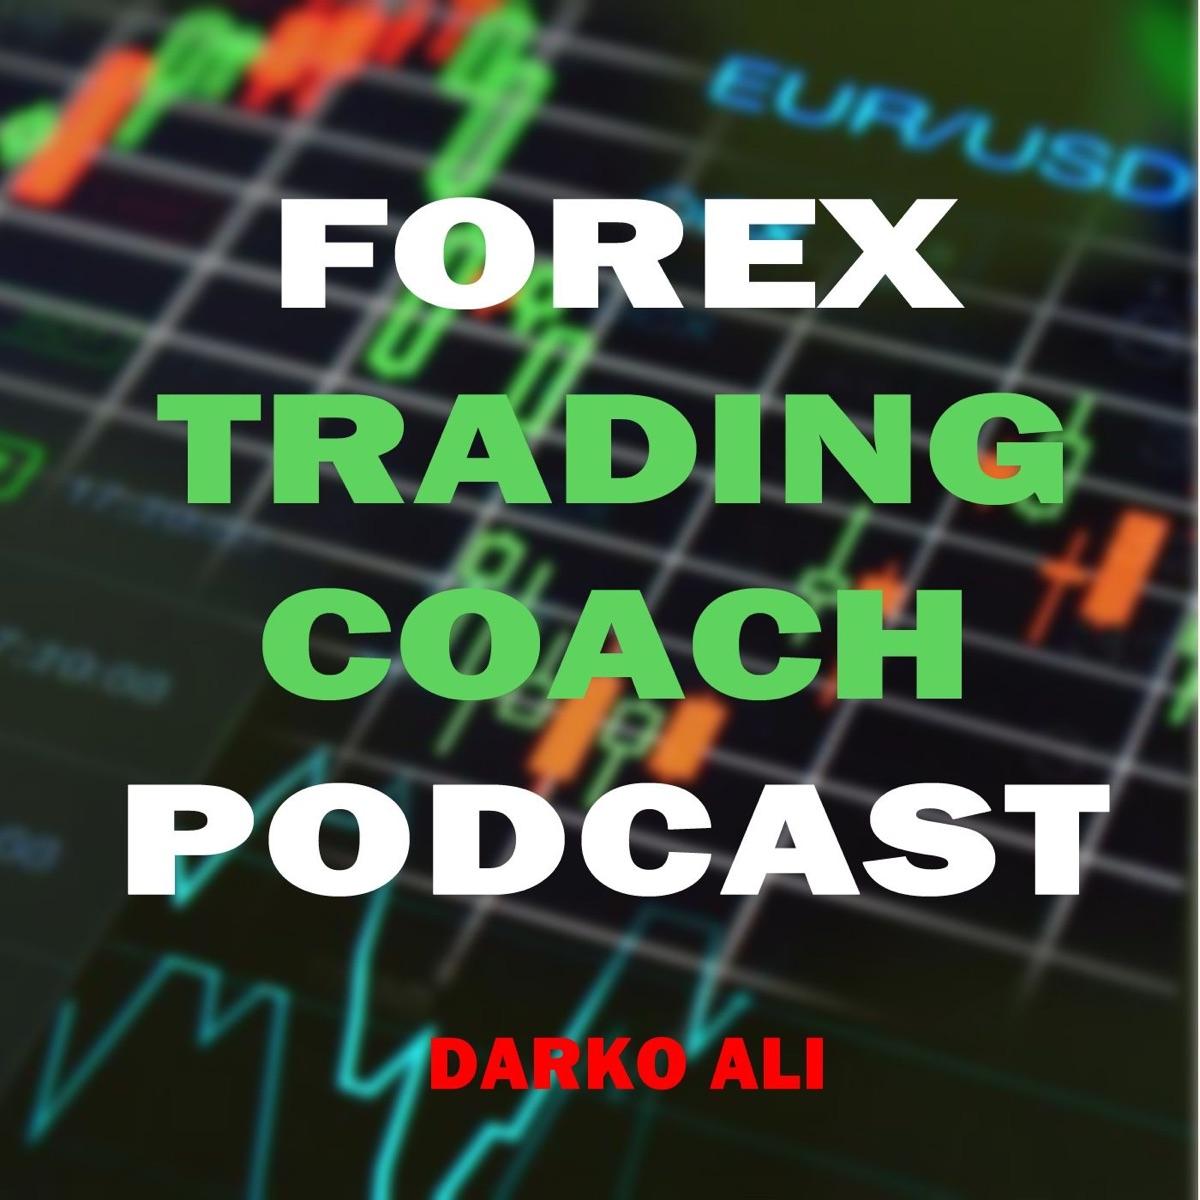 forex trading coaching commercio di opzioni binarie per me